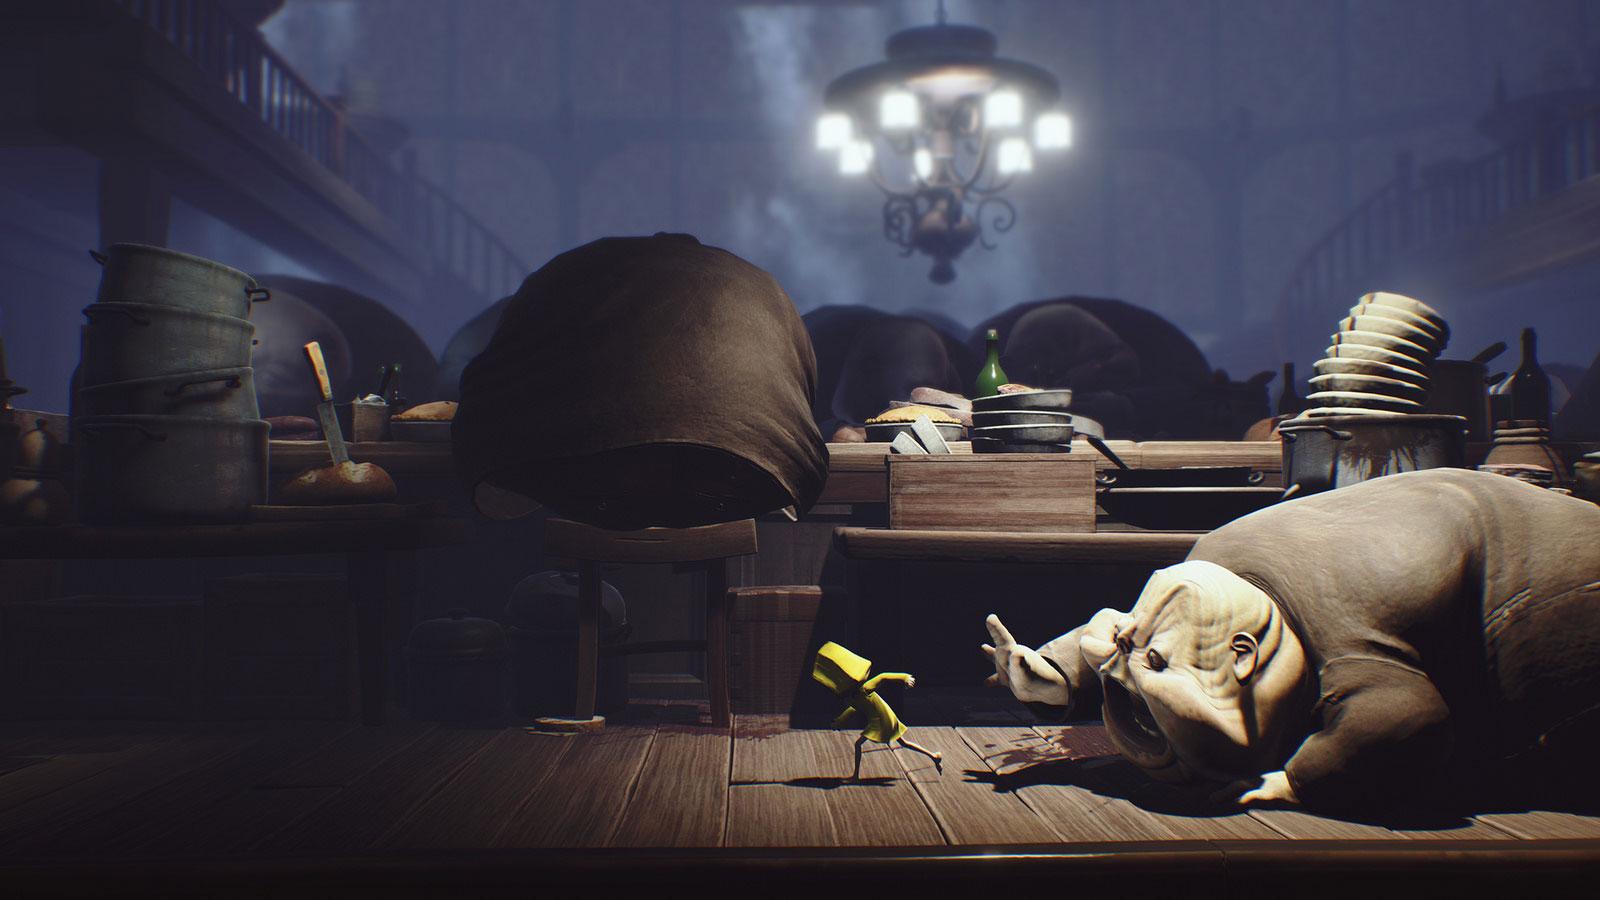 Персонажи игрыLittle Nightmares- очень неприятные сущности